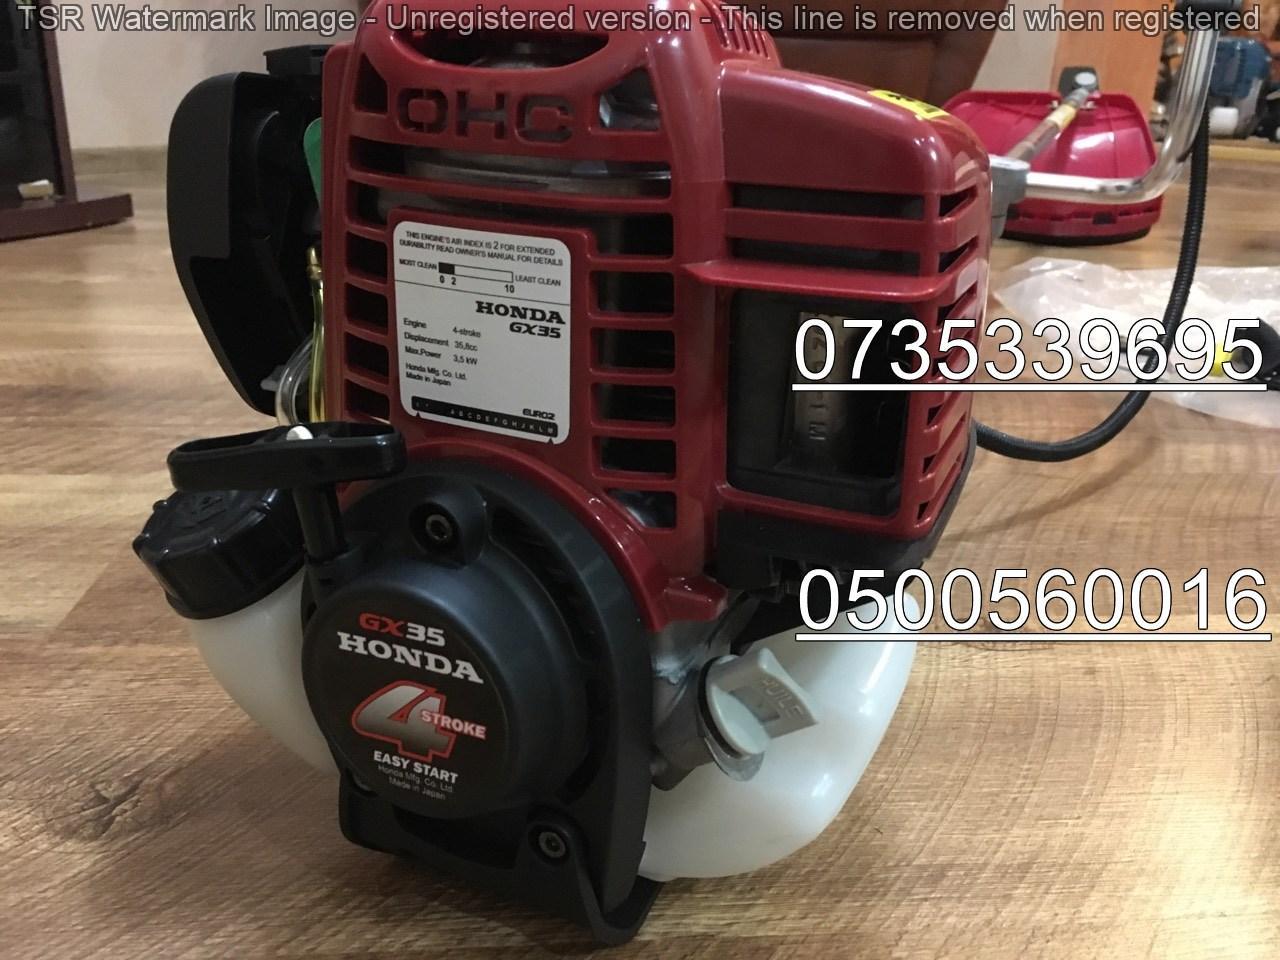 Мотокоса HONDA GX35 (3,5 кВт, 4-х тактный двигатель) Бензокоса Мотокос 10